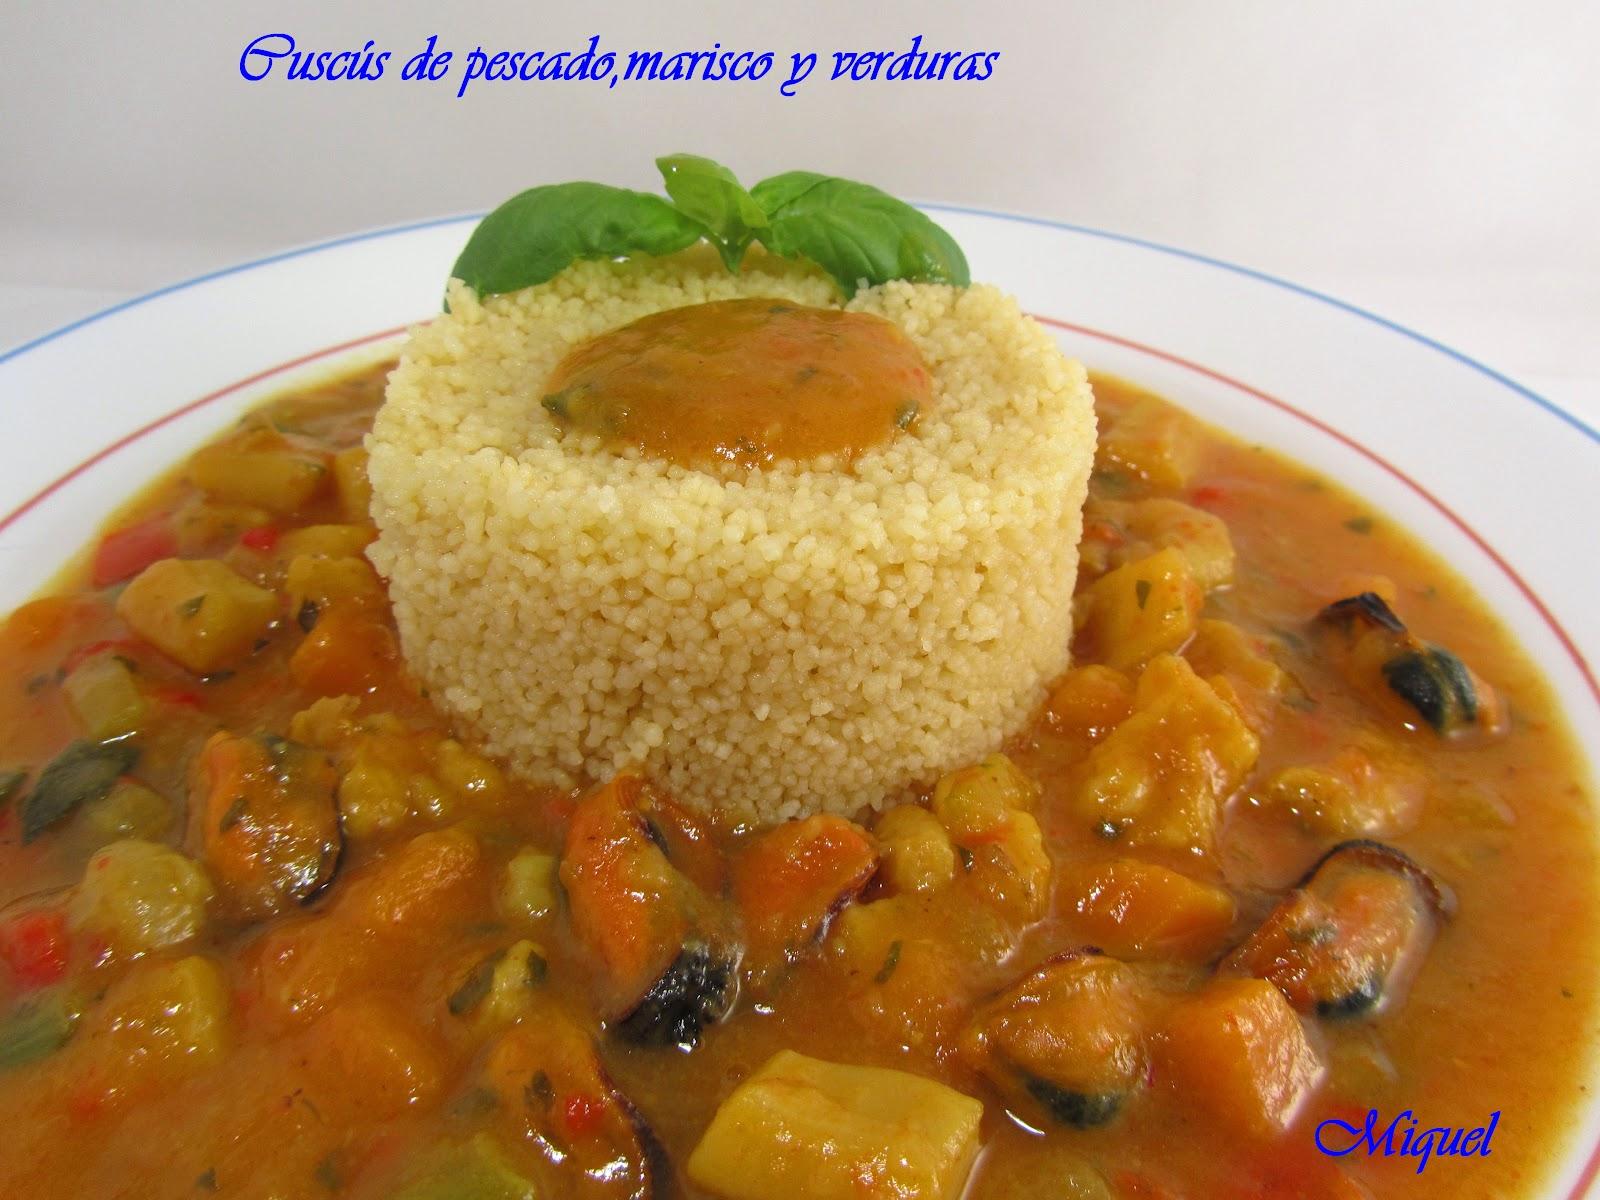 Les receptes del miquel cusc s de pescado marisco y verduras for Canelones de pescado y marisco